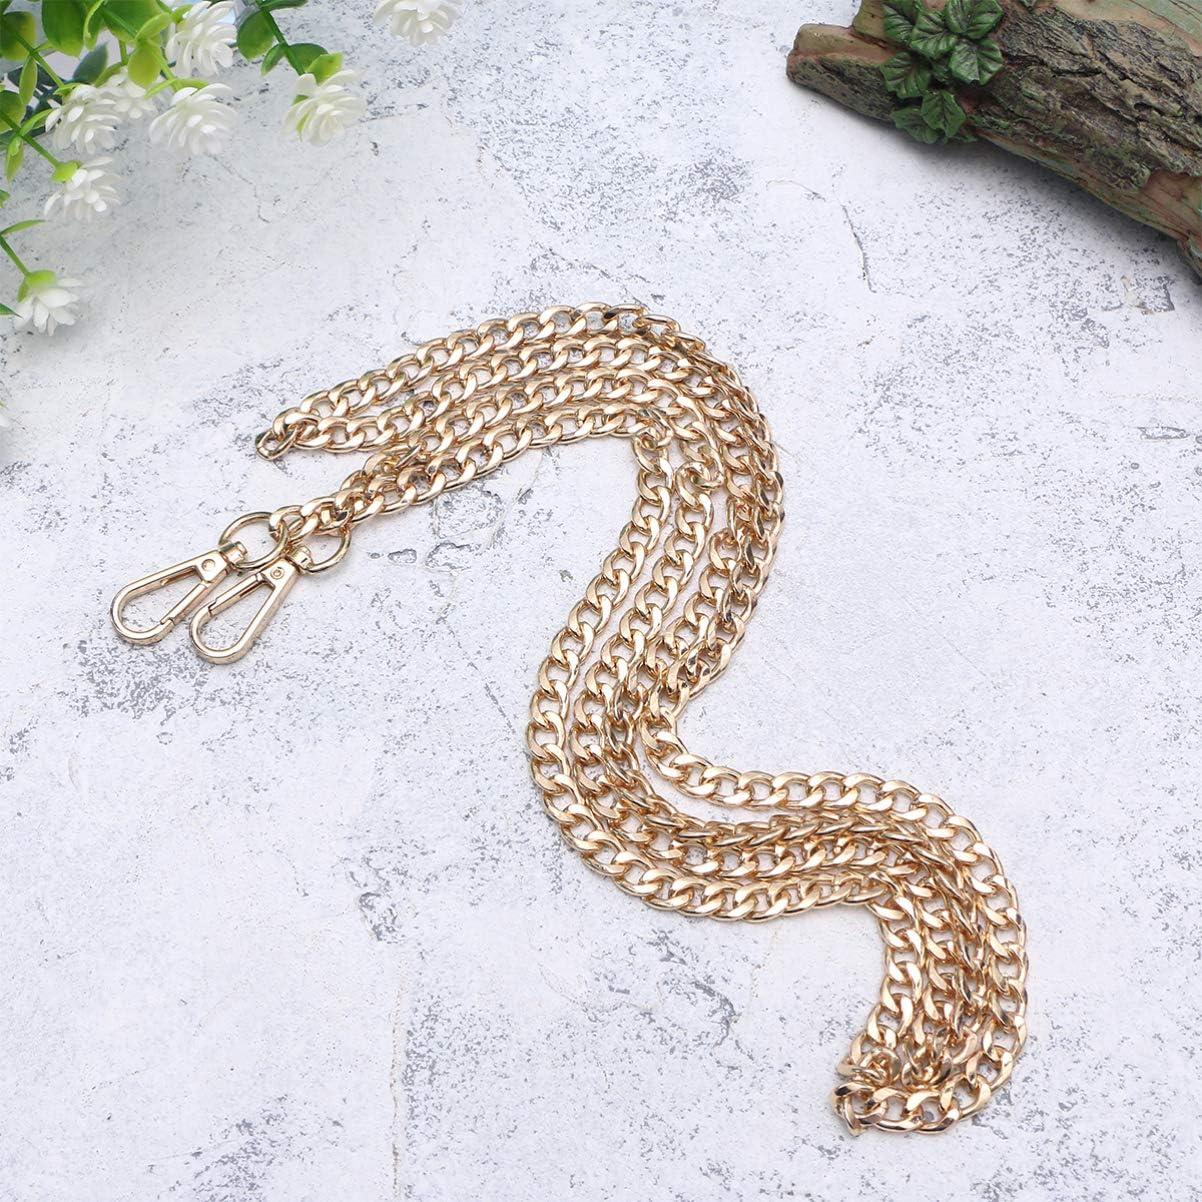 SUPVOX DIY Eisen Flache Kette Gurt Handtasche Ketten zubeh/ör geldb/örse Schulter ersatzgurt mit metallschnallen 160 cm Bronze